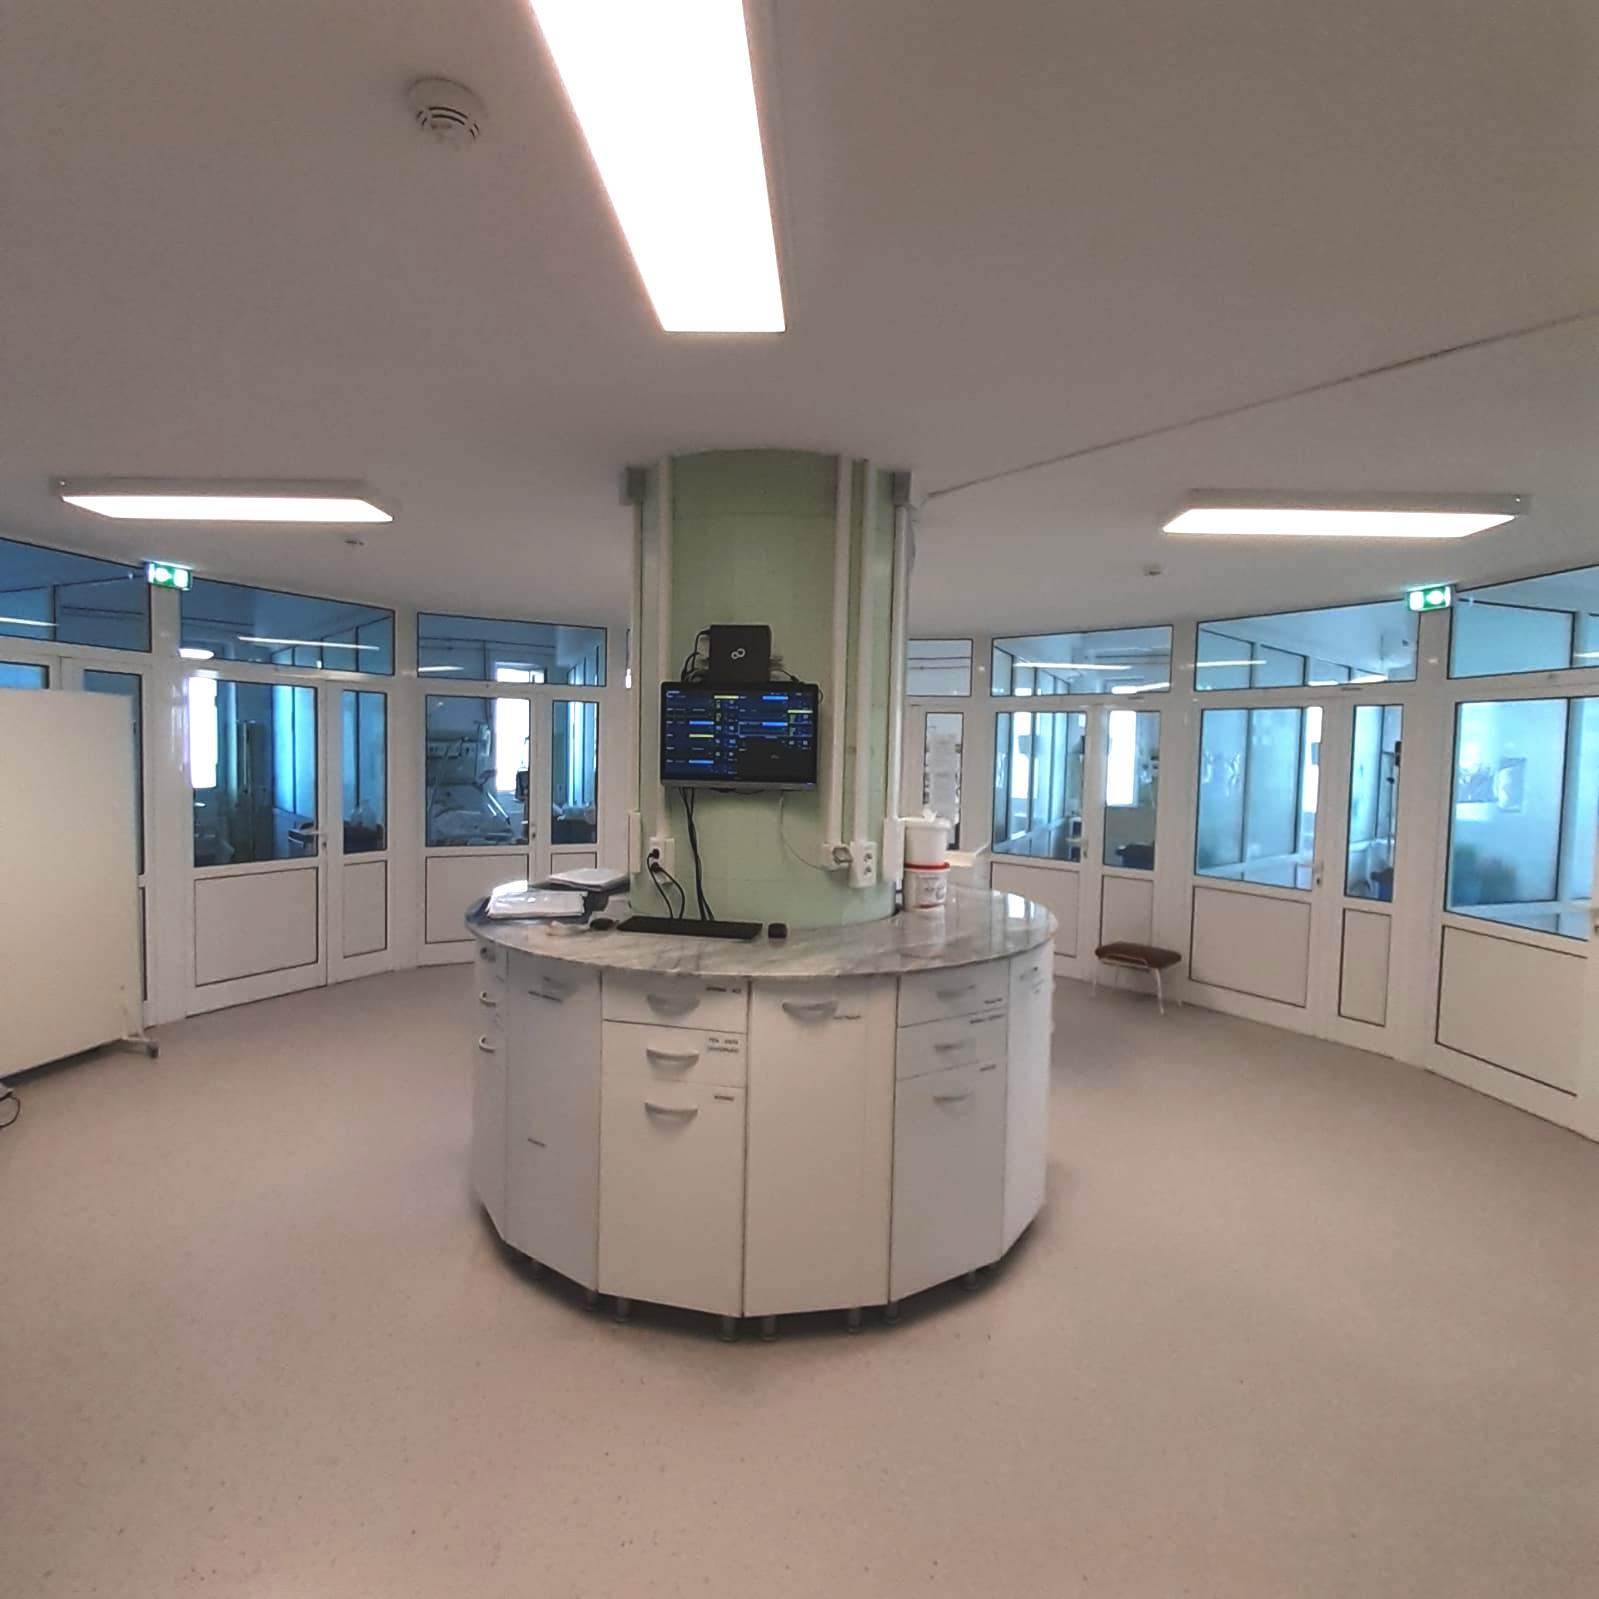 Spitalul Județean: Etajul doi al secției ATI a fost redeschis după modernizare